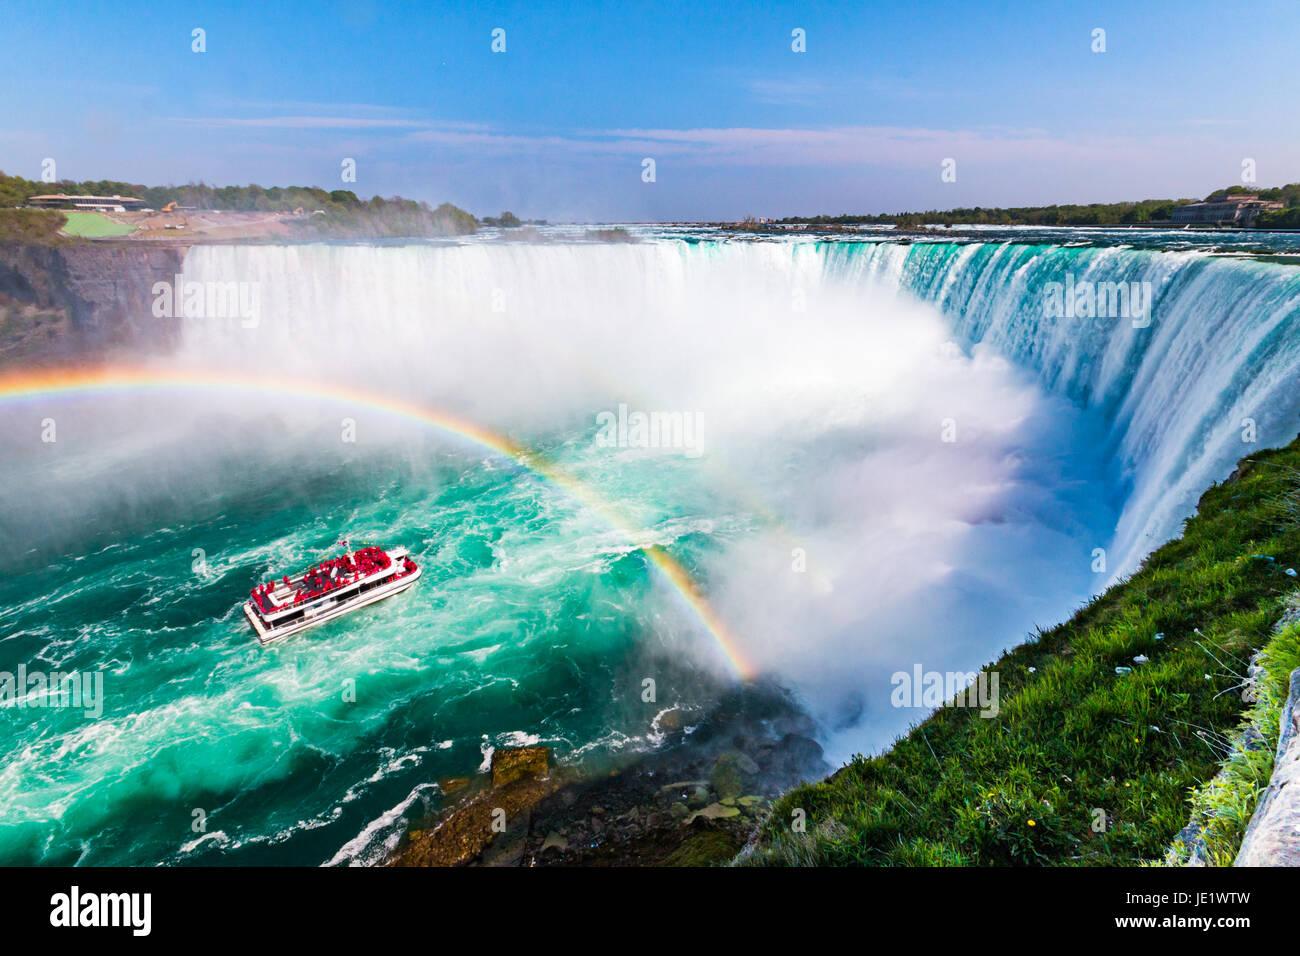 Hornblower barco repleto de turistas en Rainbow regado por la Cascada de la Herradura, Niagara Falls, Ontario, Canadá Imagen De Stock